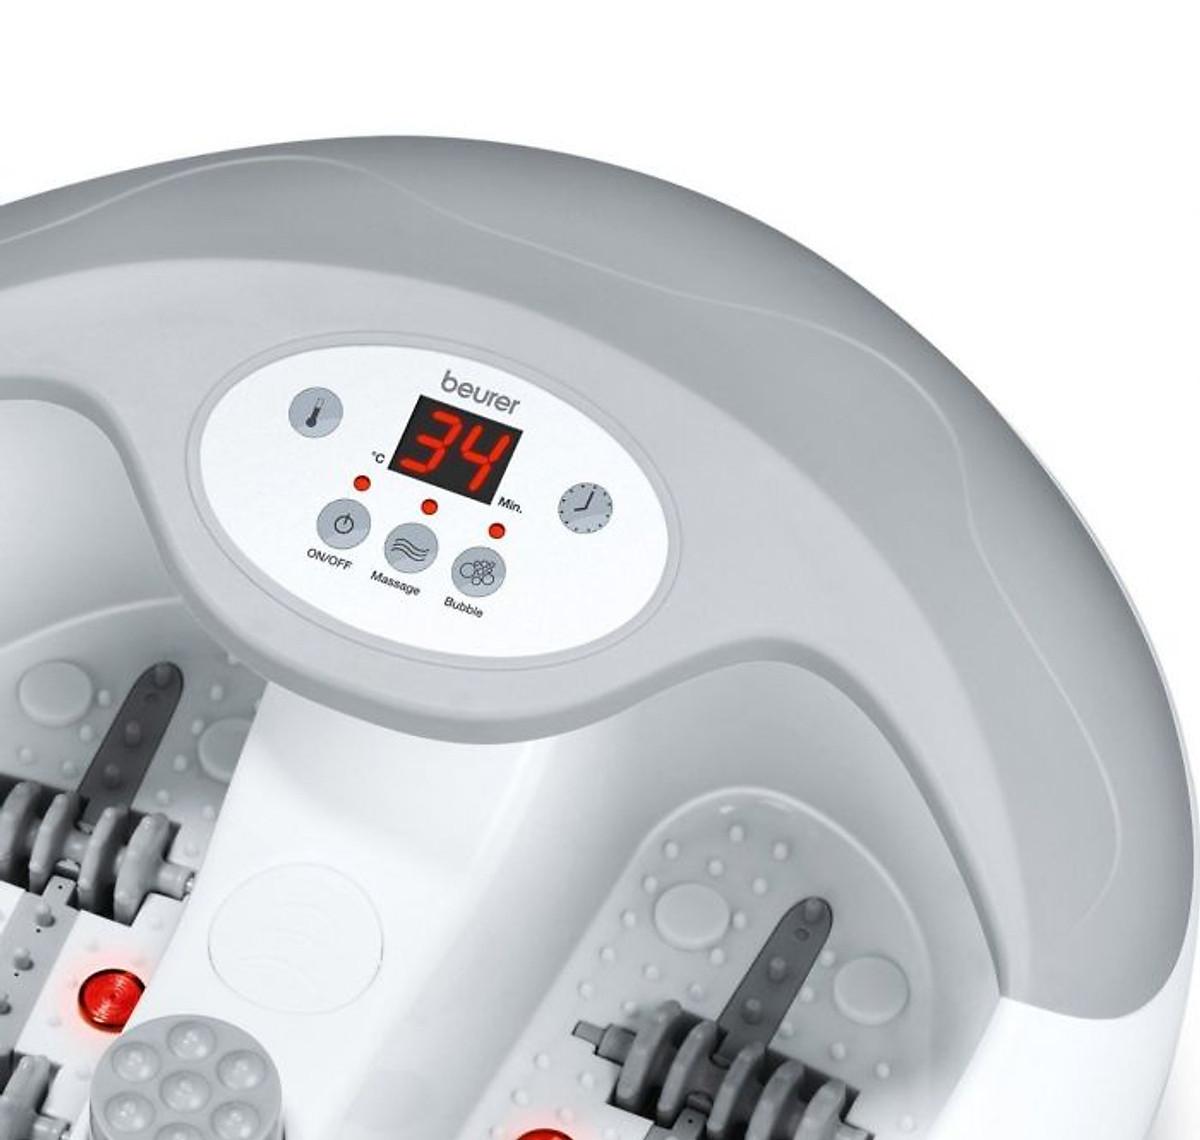 Bồn ngâm chân Massage 8 đèn hồng ngoại Beurer FB50 - 3